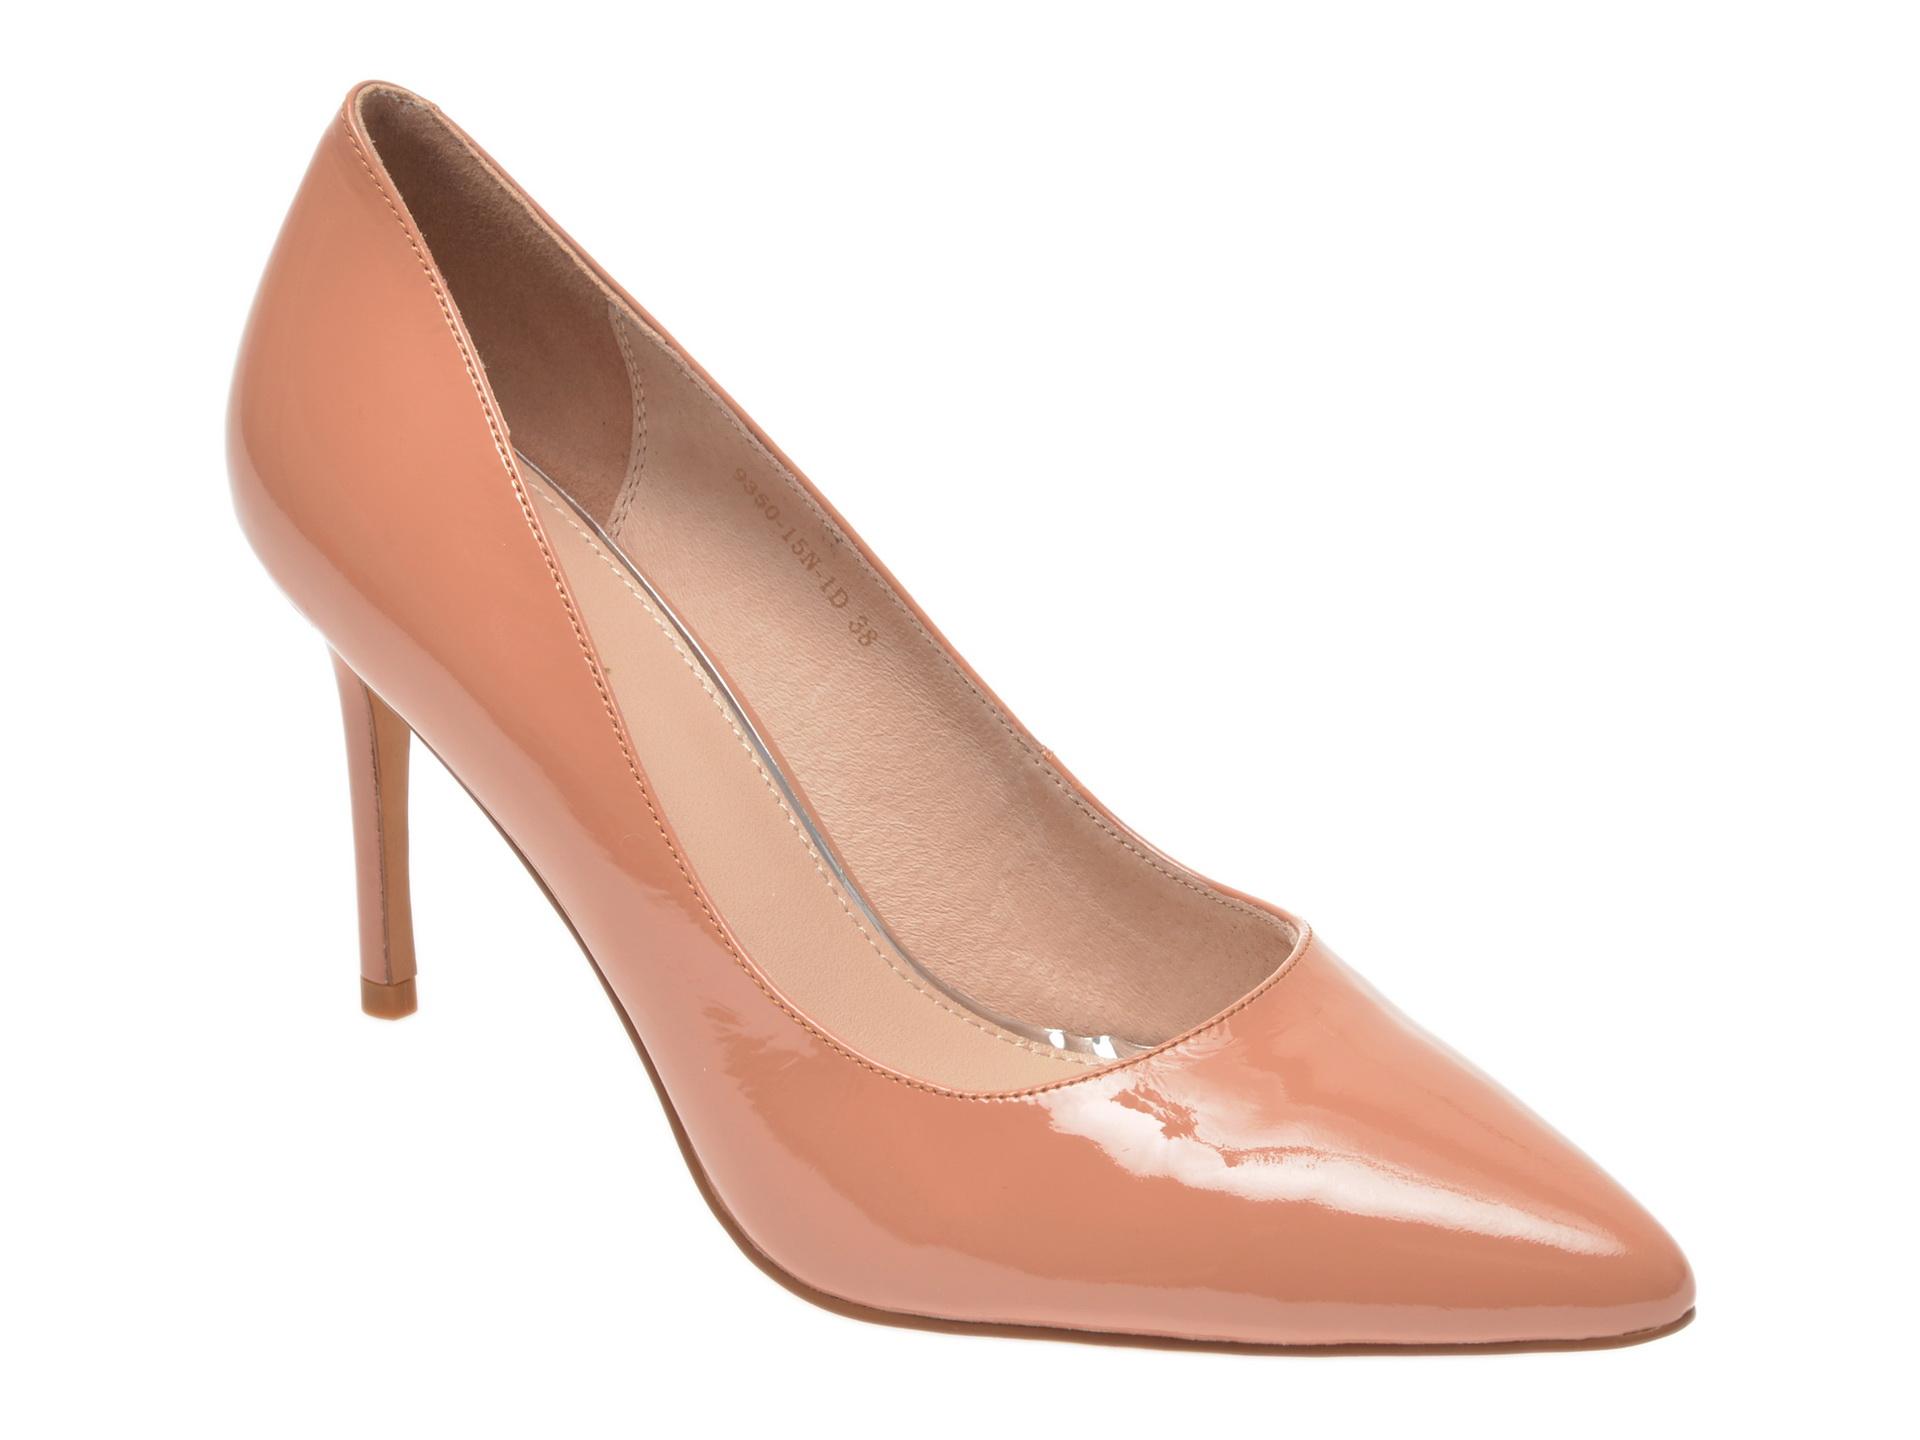 Pantofi Epica Nude, 935015, Din Piele Naturala Lacuita